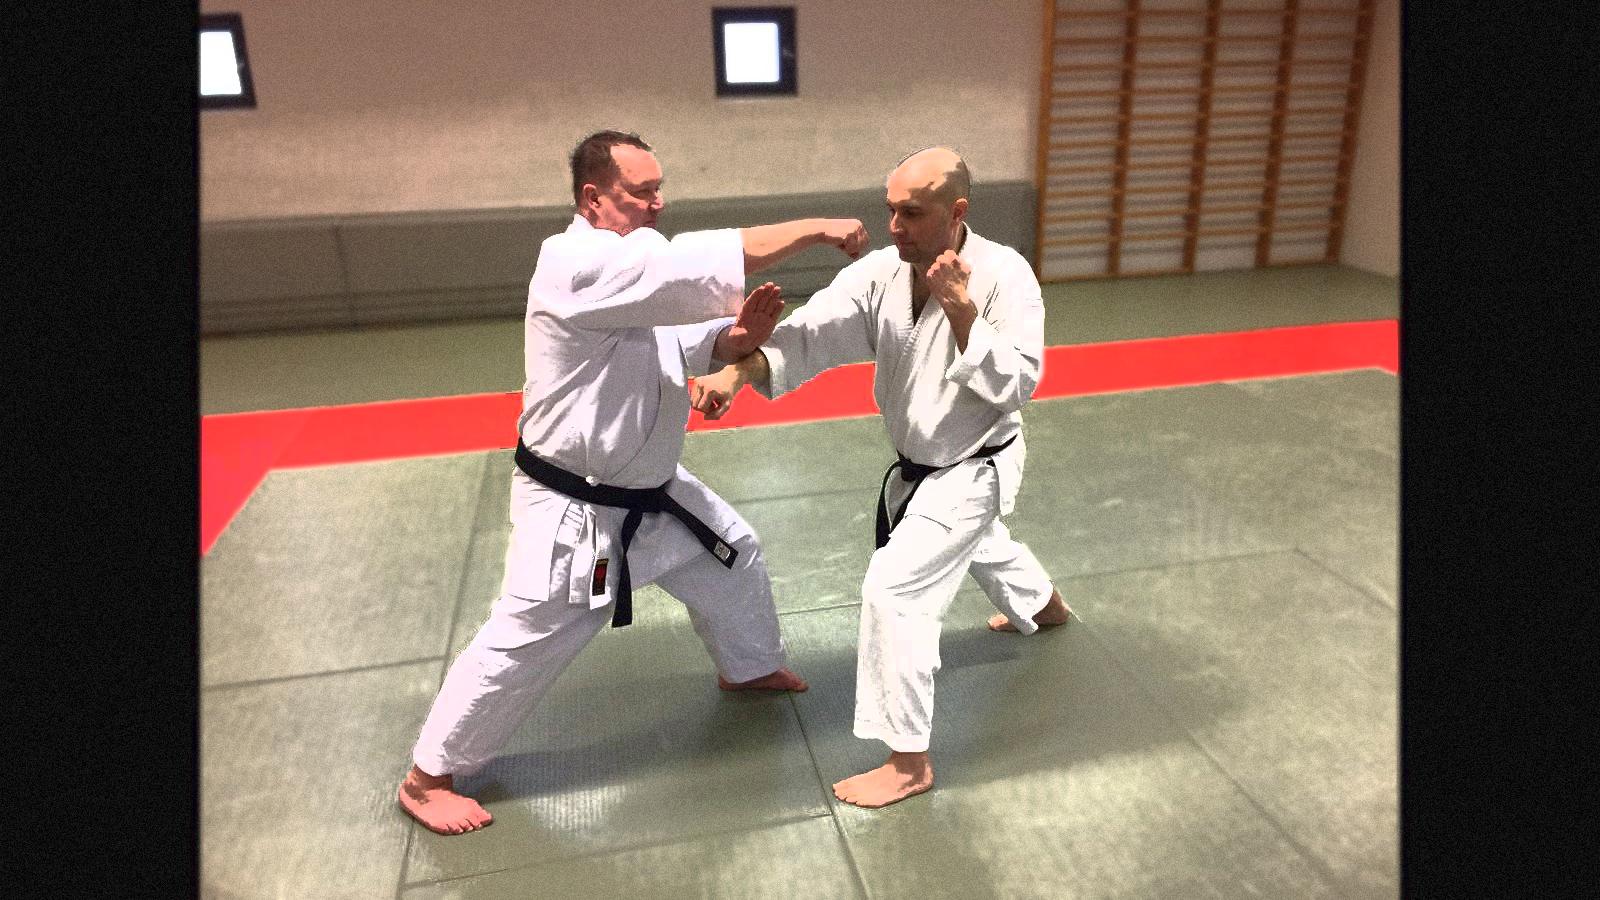 Shinkukain karate laajentaa toimintaansa nuoriin